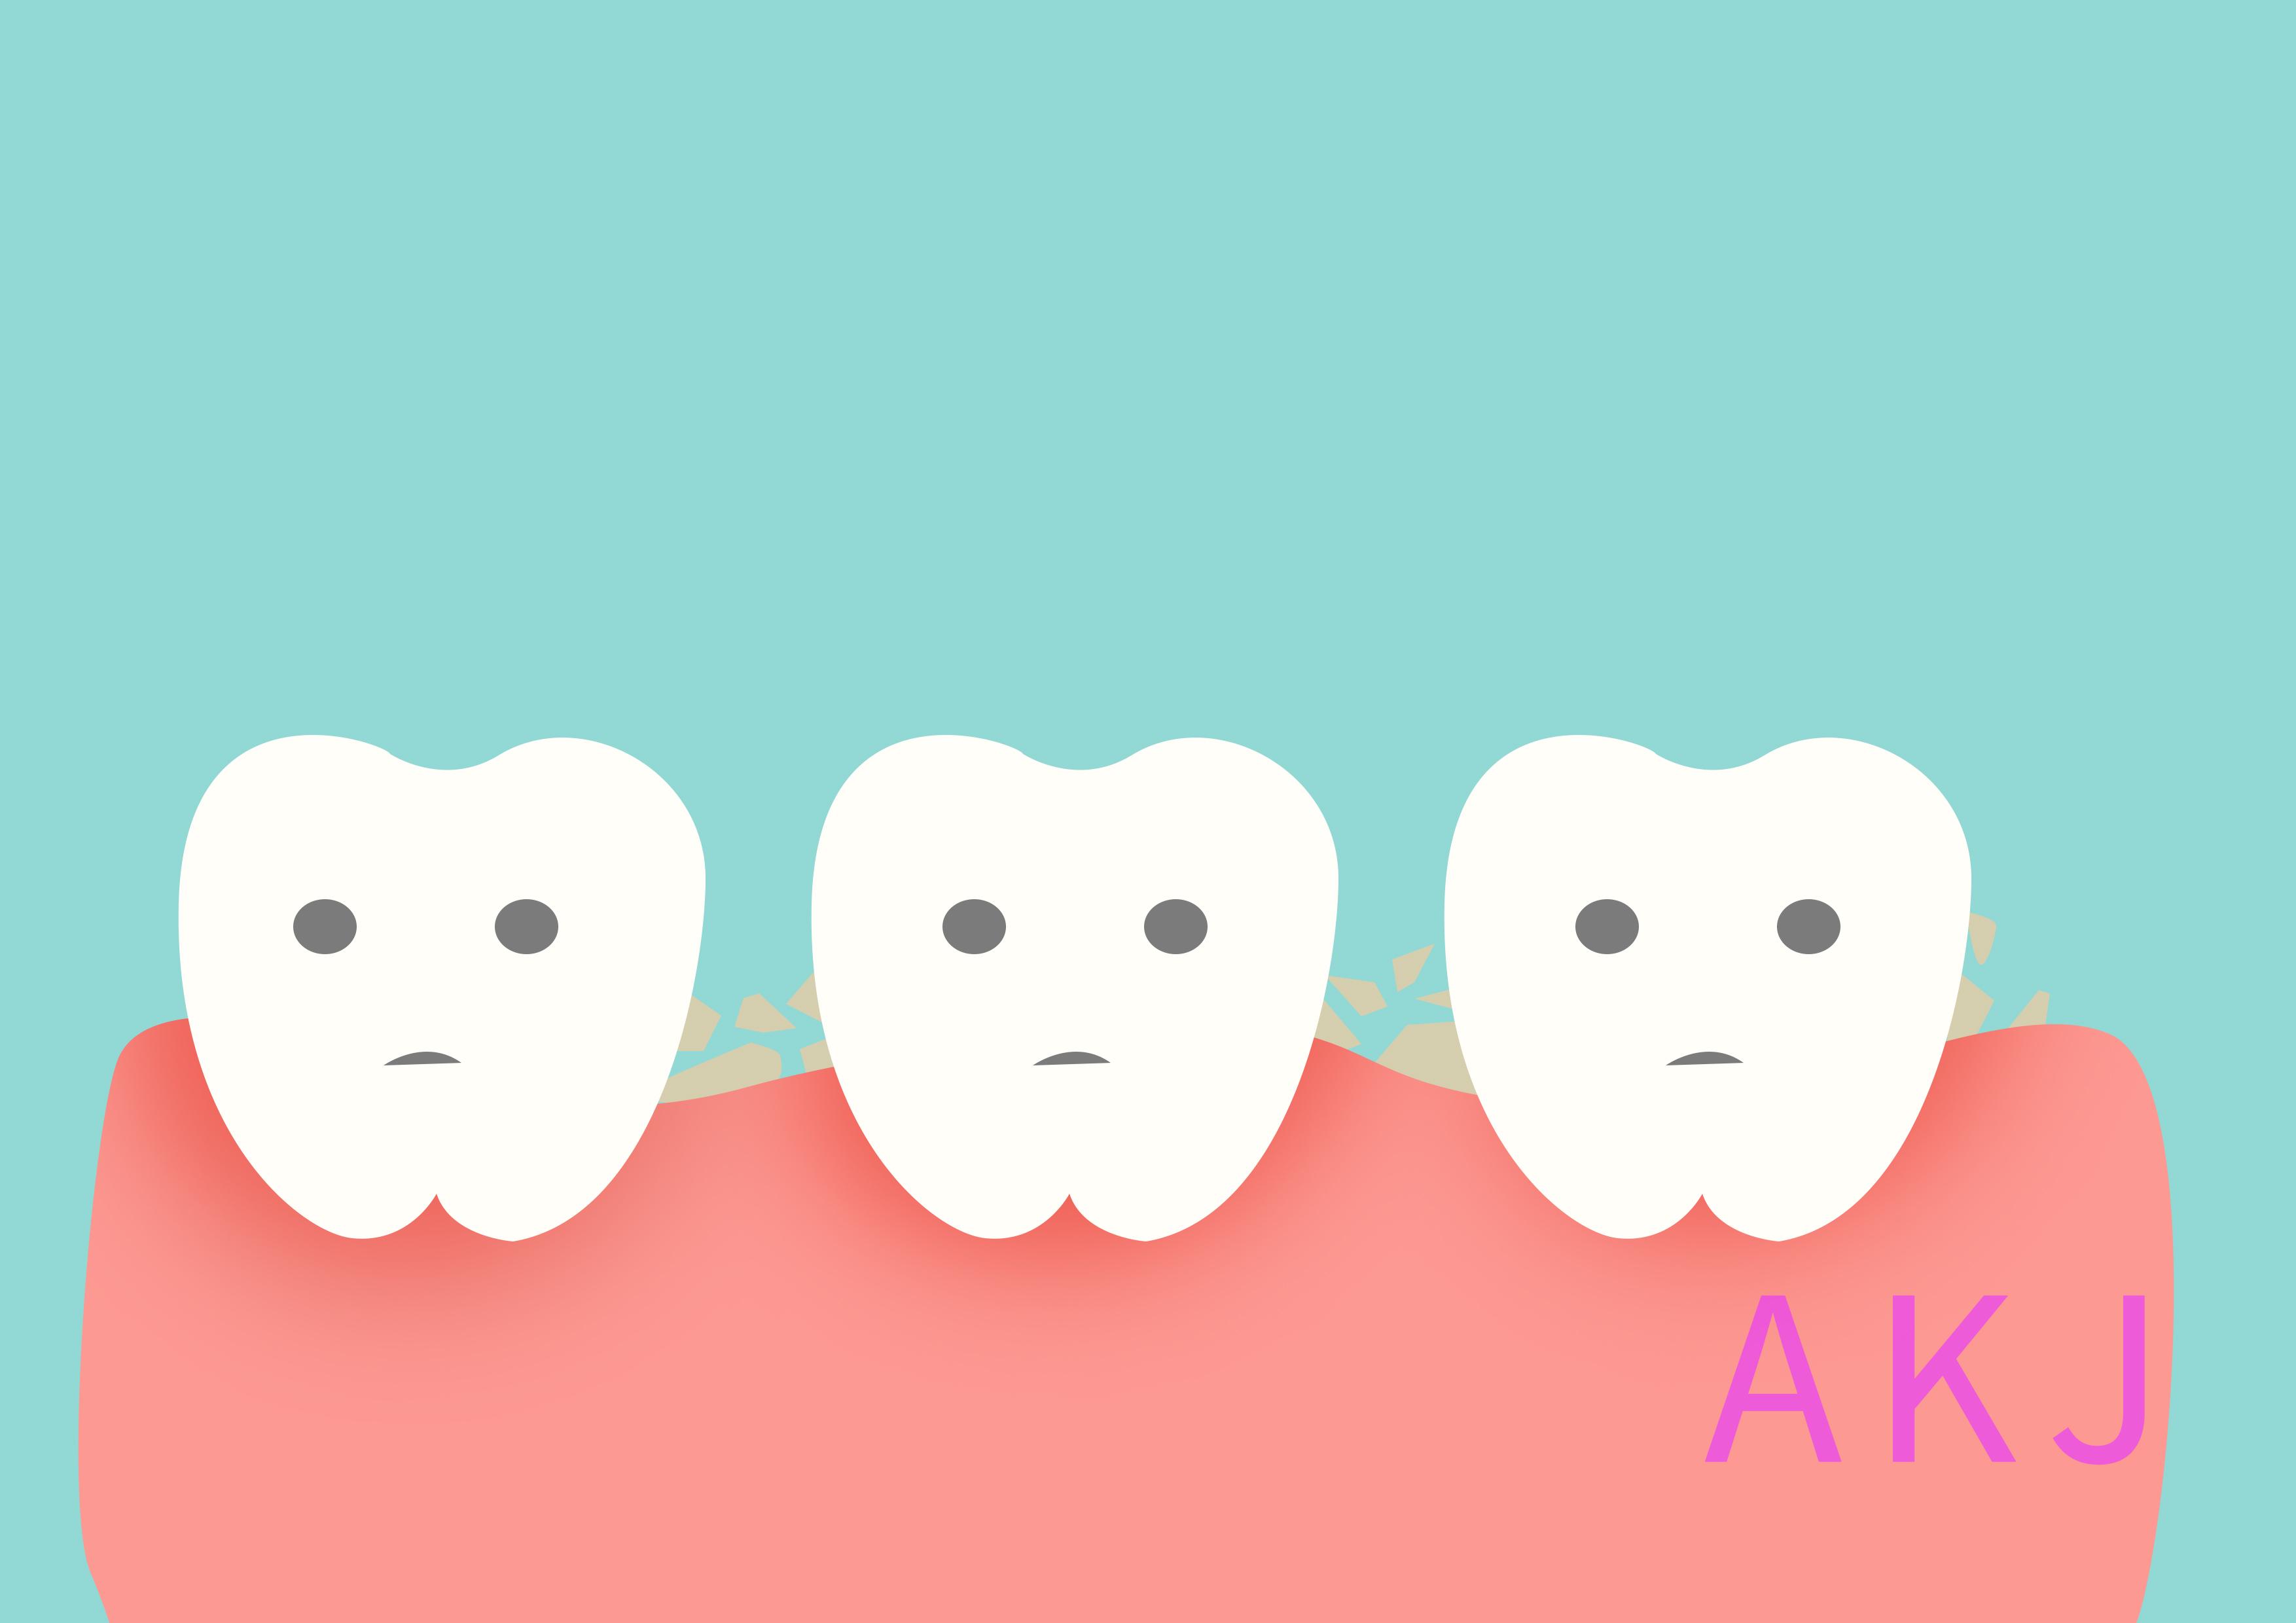 牙缝变大,容易积累牙垢